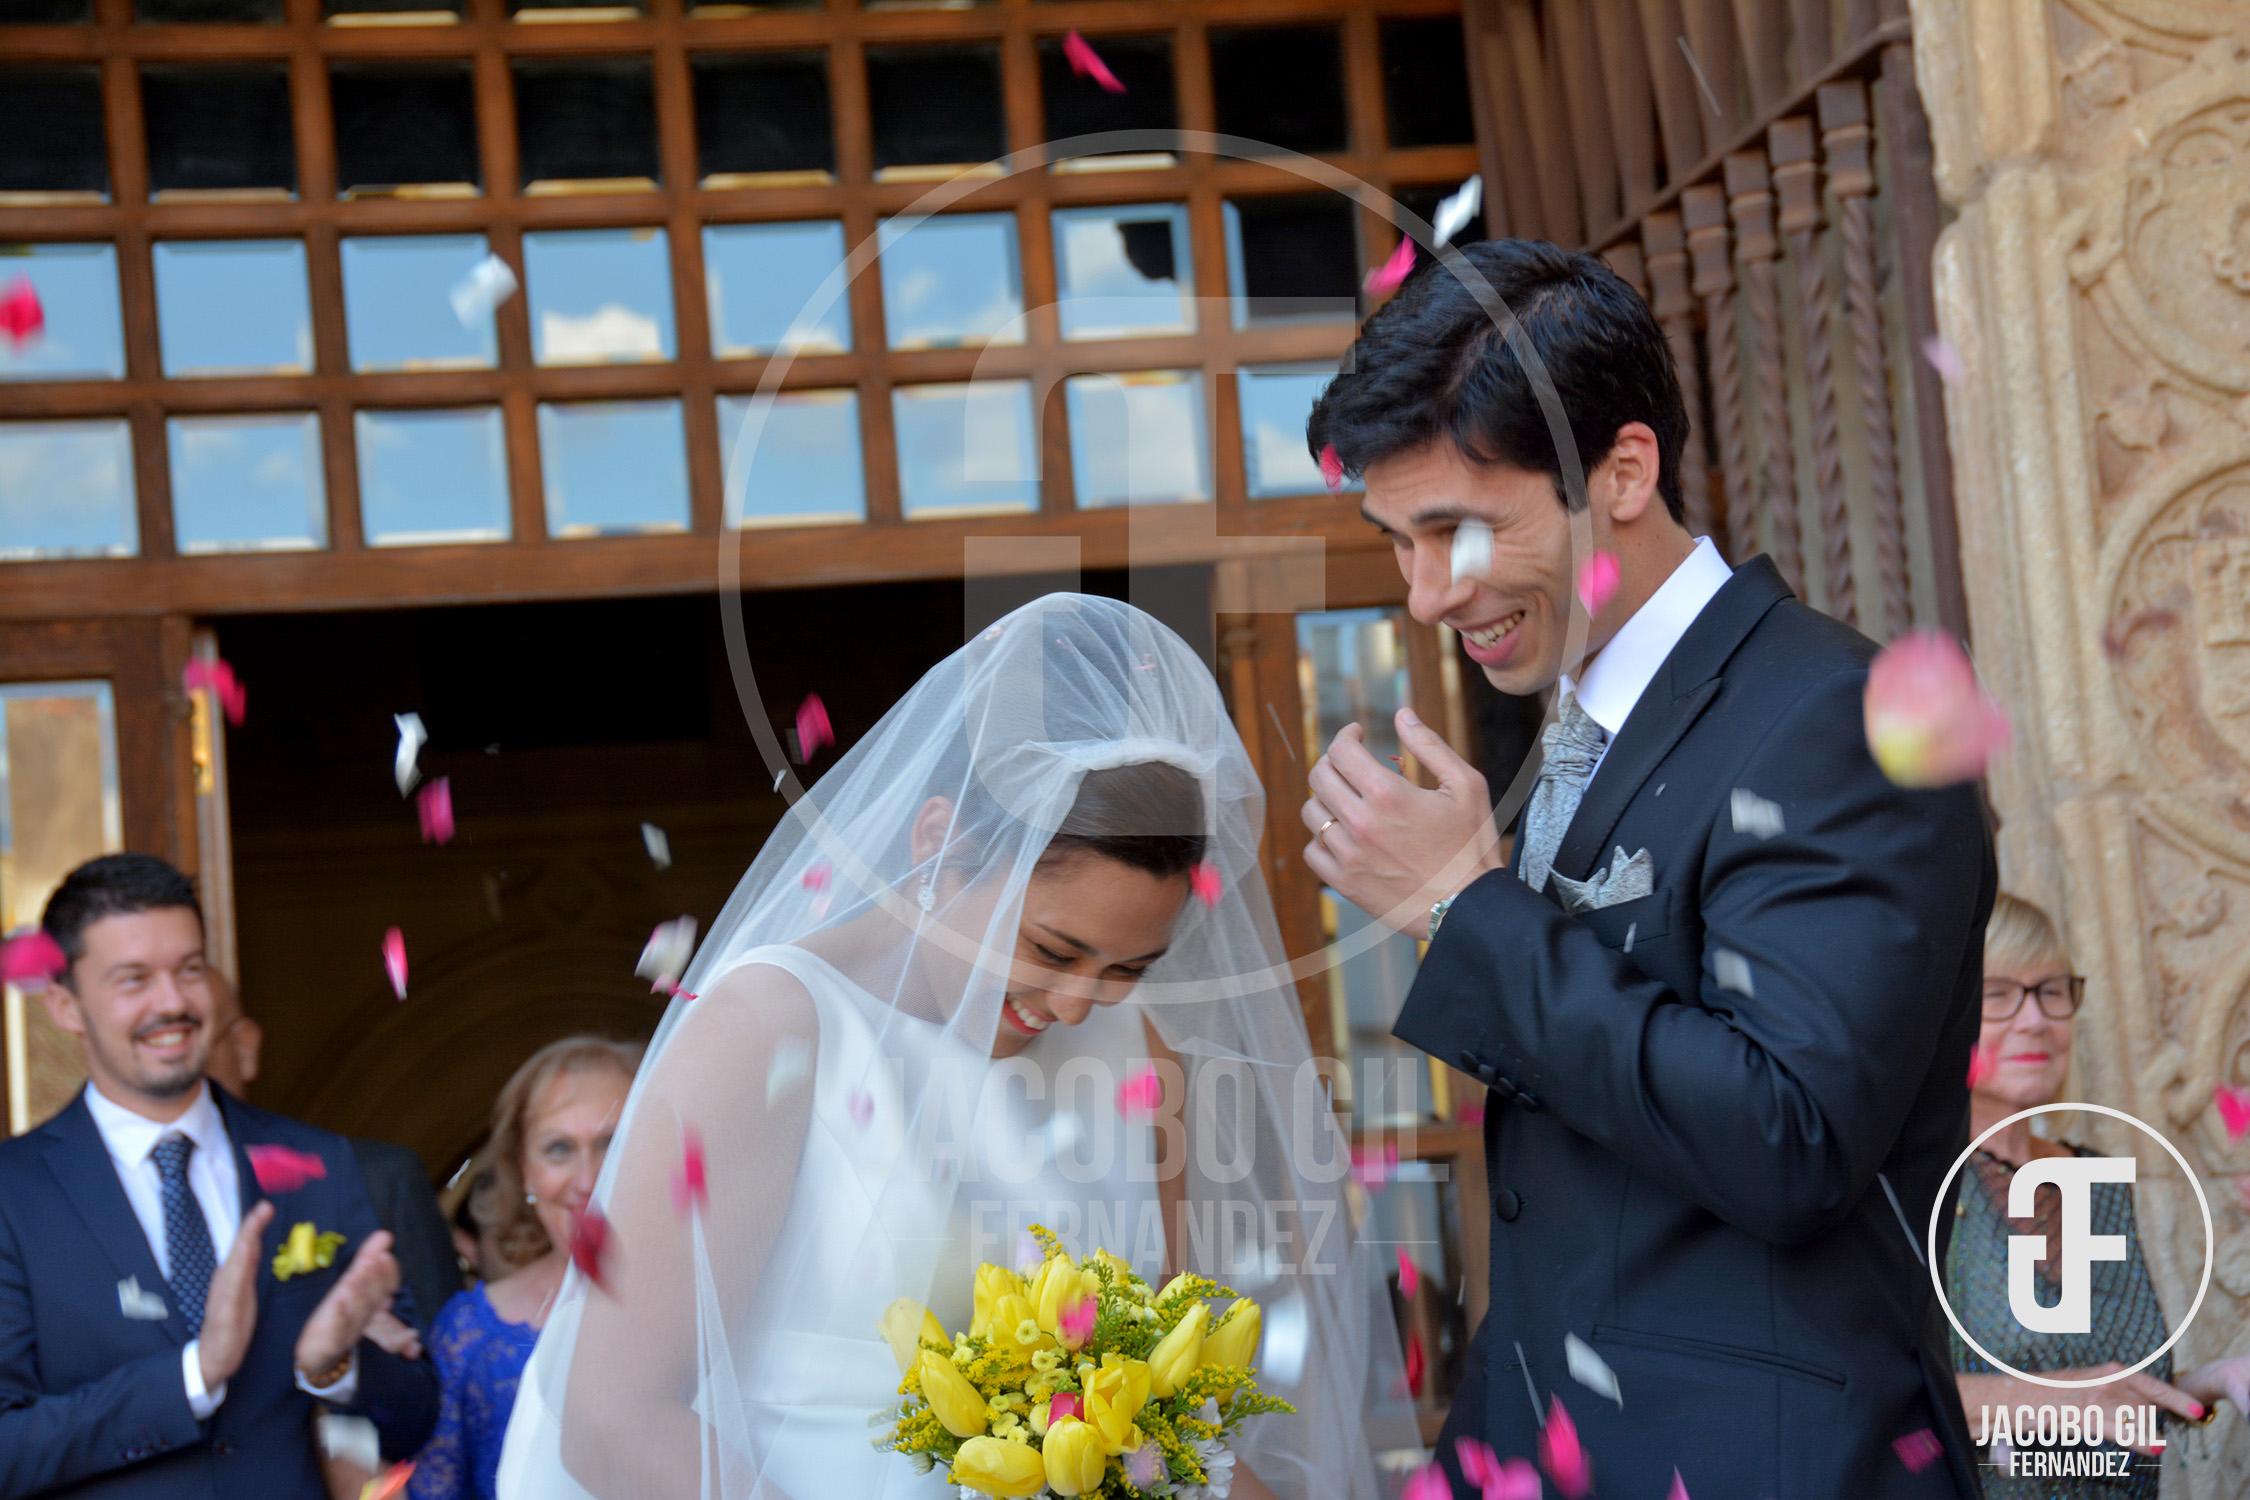 boda:eventos 4